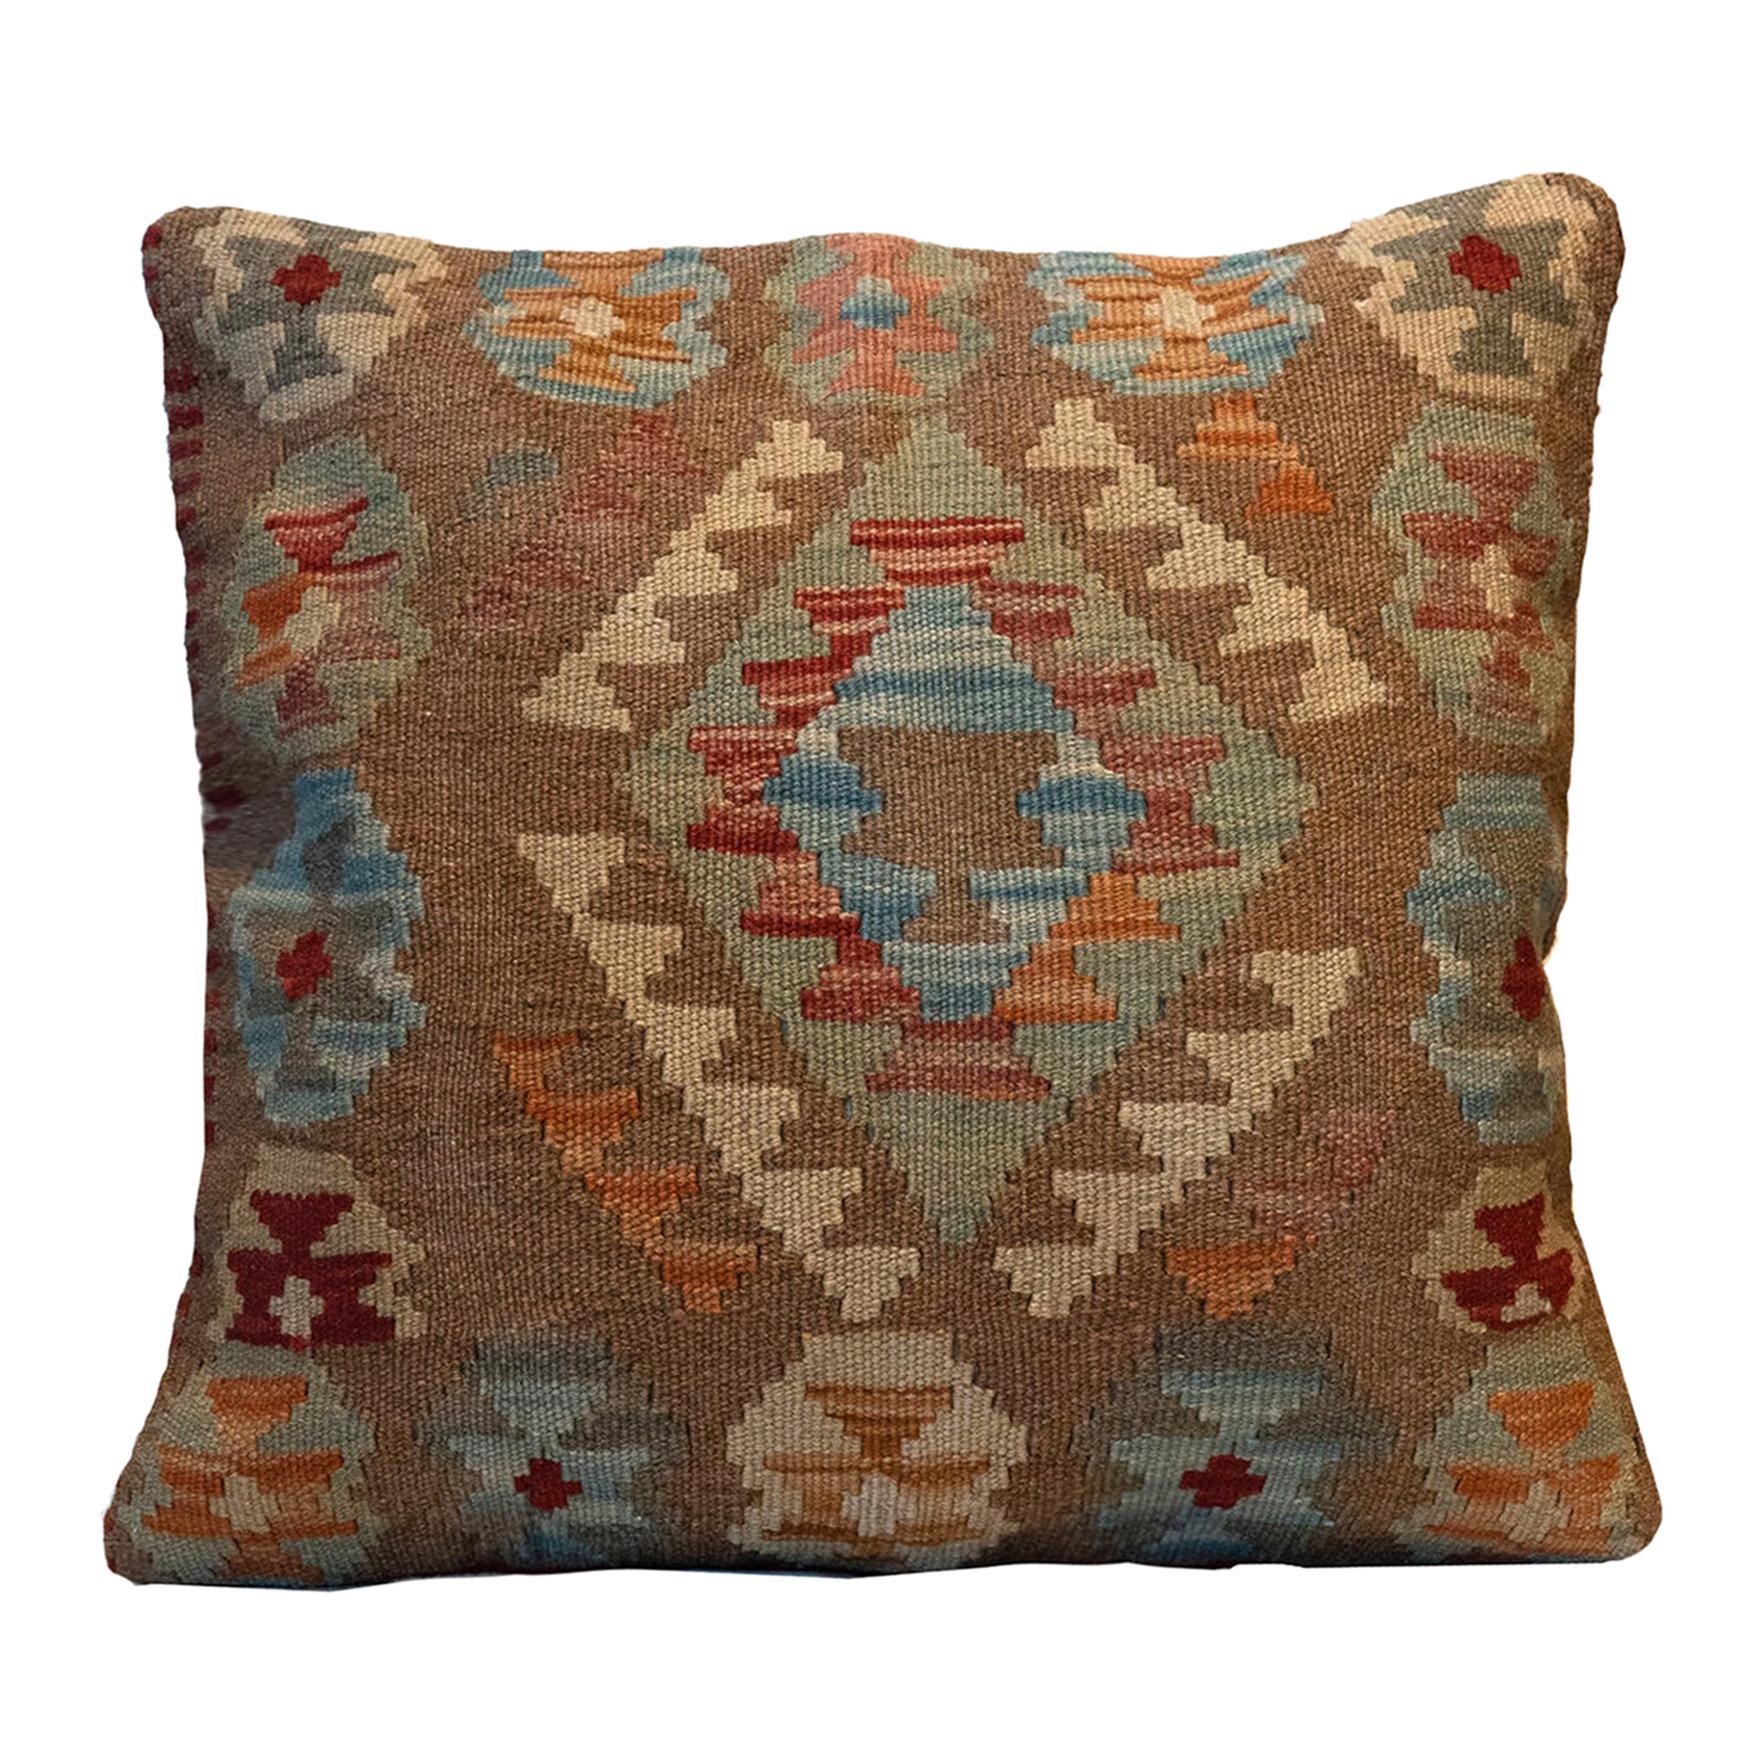 Handmade Kilim Cushion Cover, Oriental Wool Pillow Cover